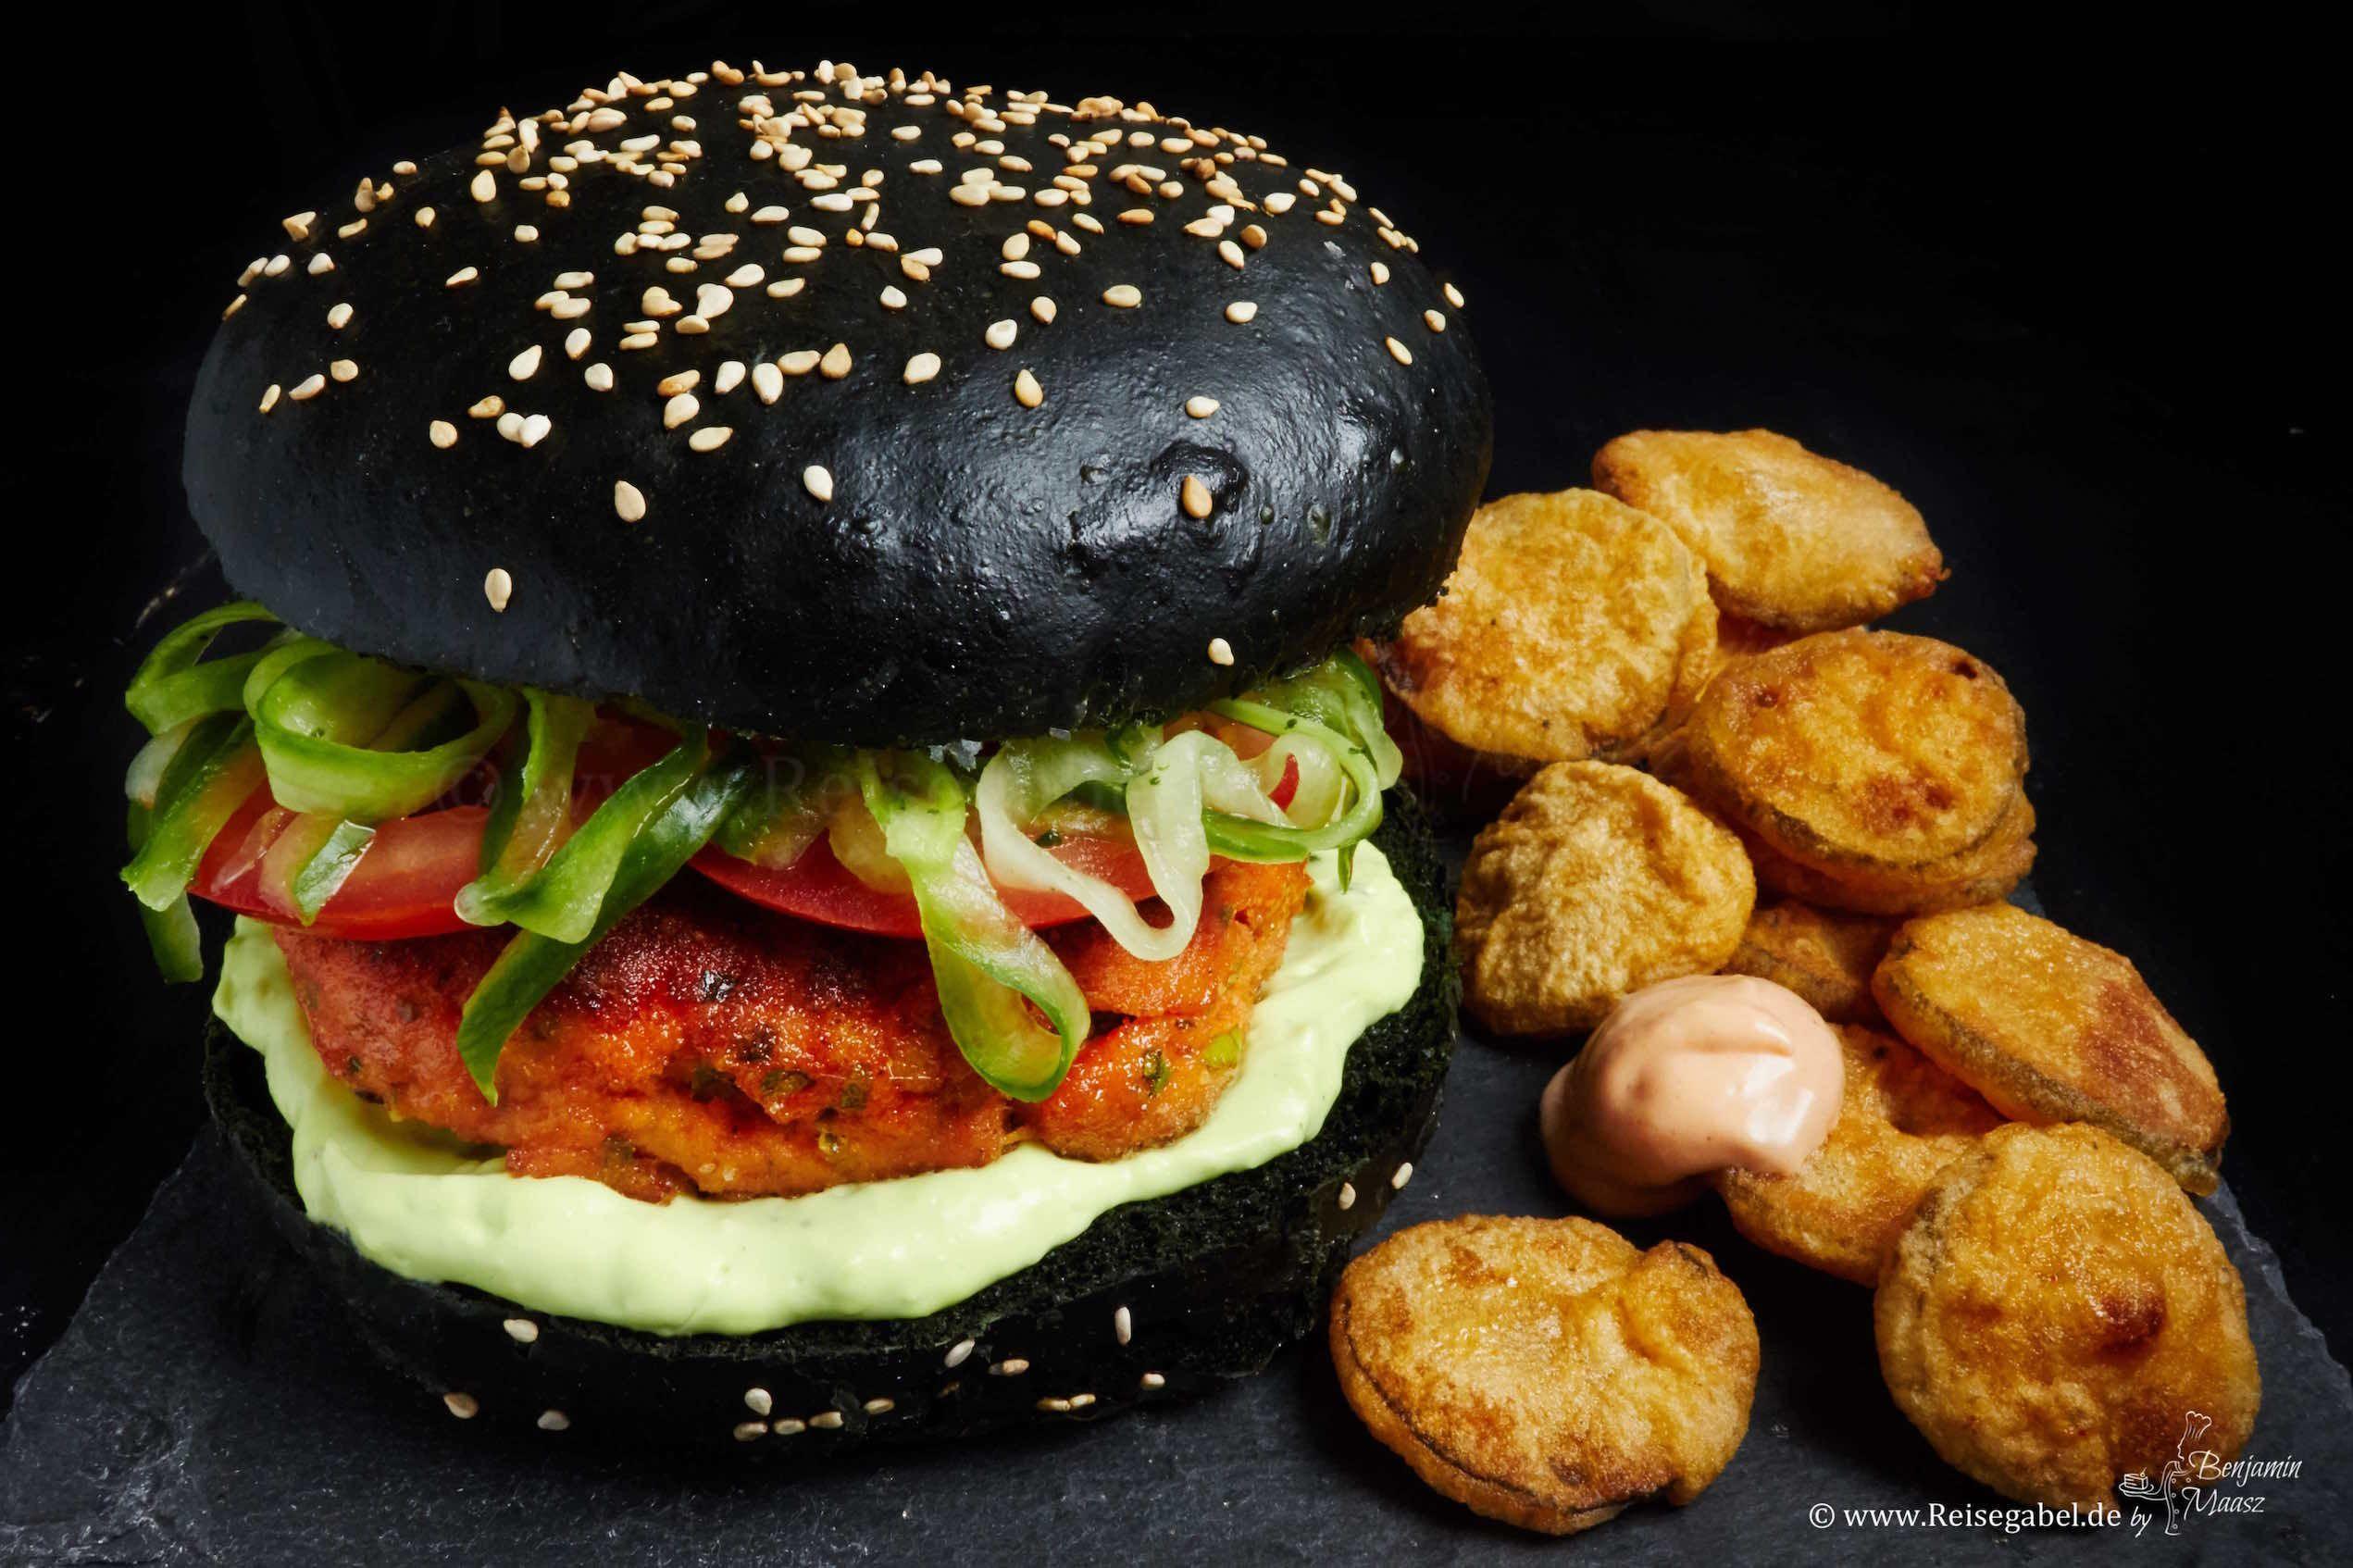 Lachsburger mit schwarzen Bun